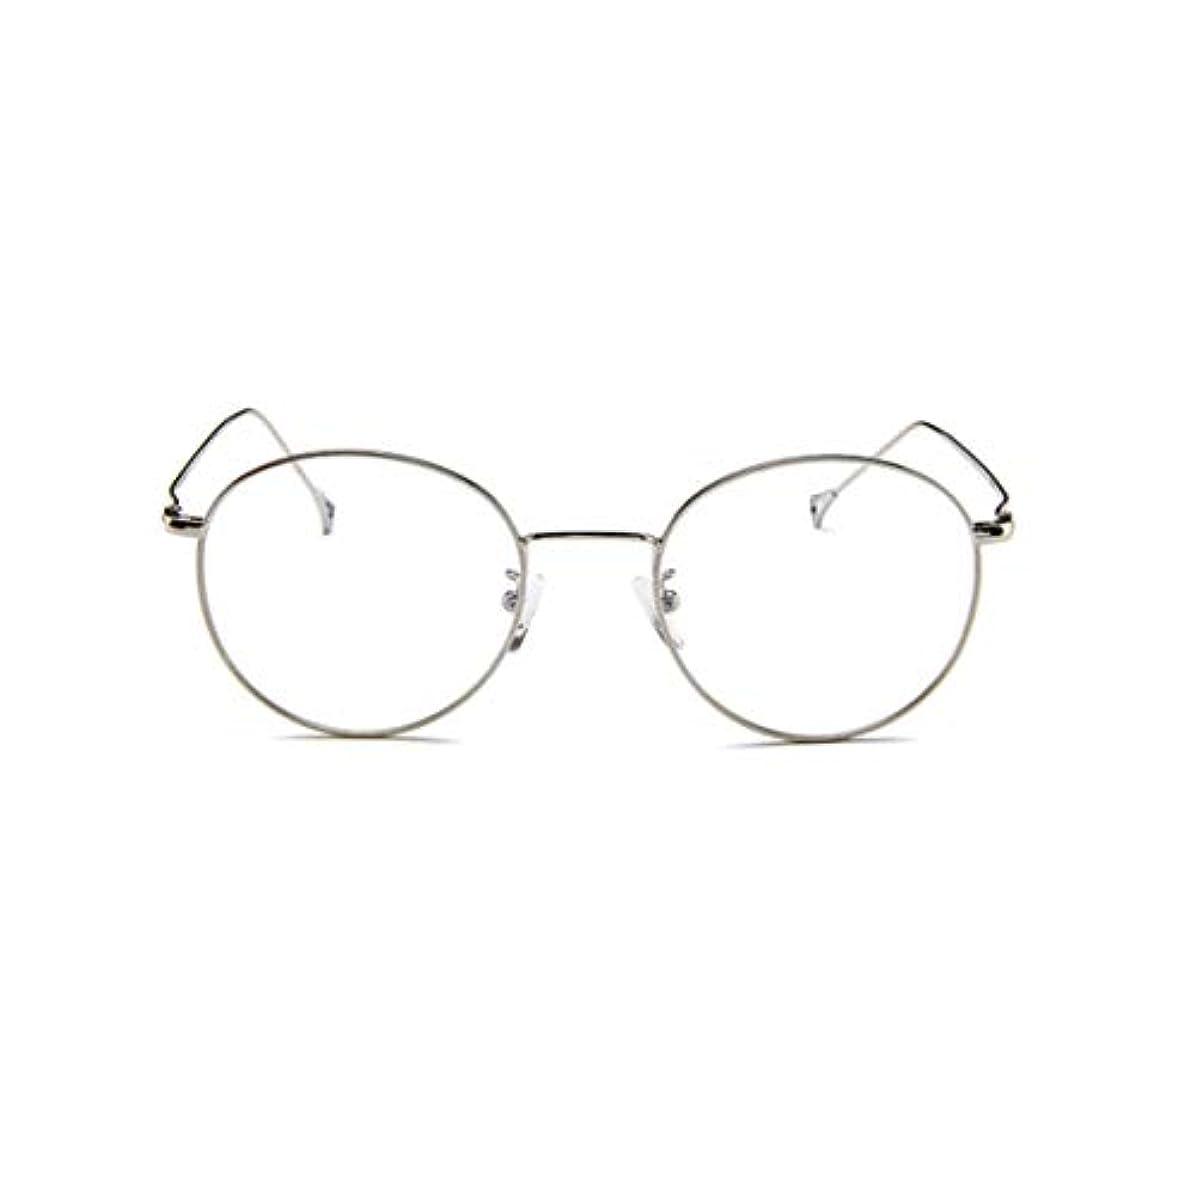 レコーダー文大声で韓国のメガネフレームの男性と女性のレトロフラットメガネメタルトレンディメガネファッション近視メガネフレーム-スライバー